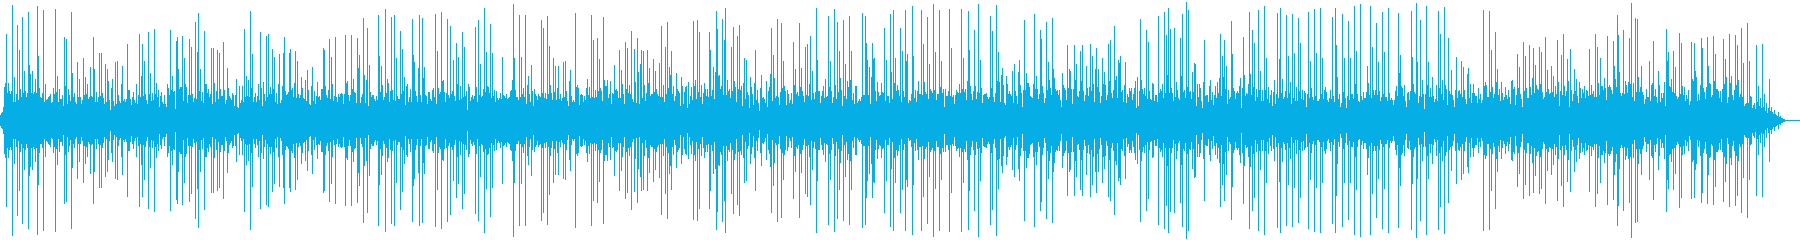 モデル19テレタイプマシン:テレタ...の再生済みの波形